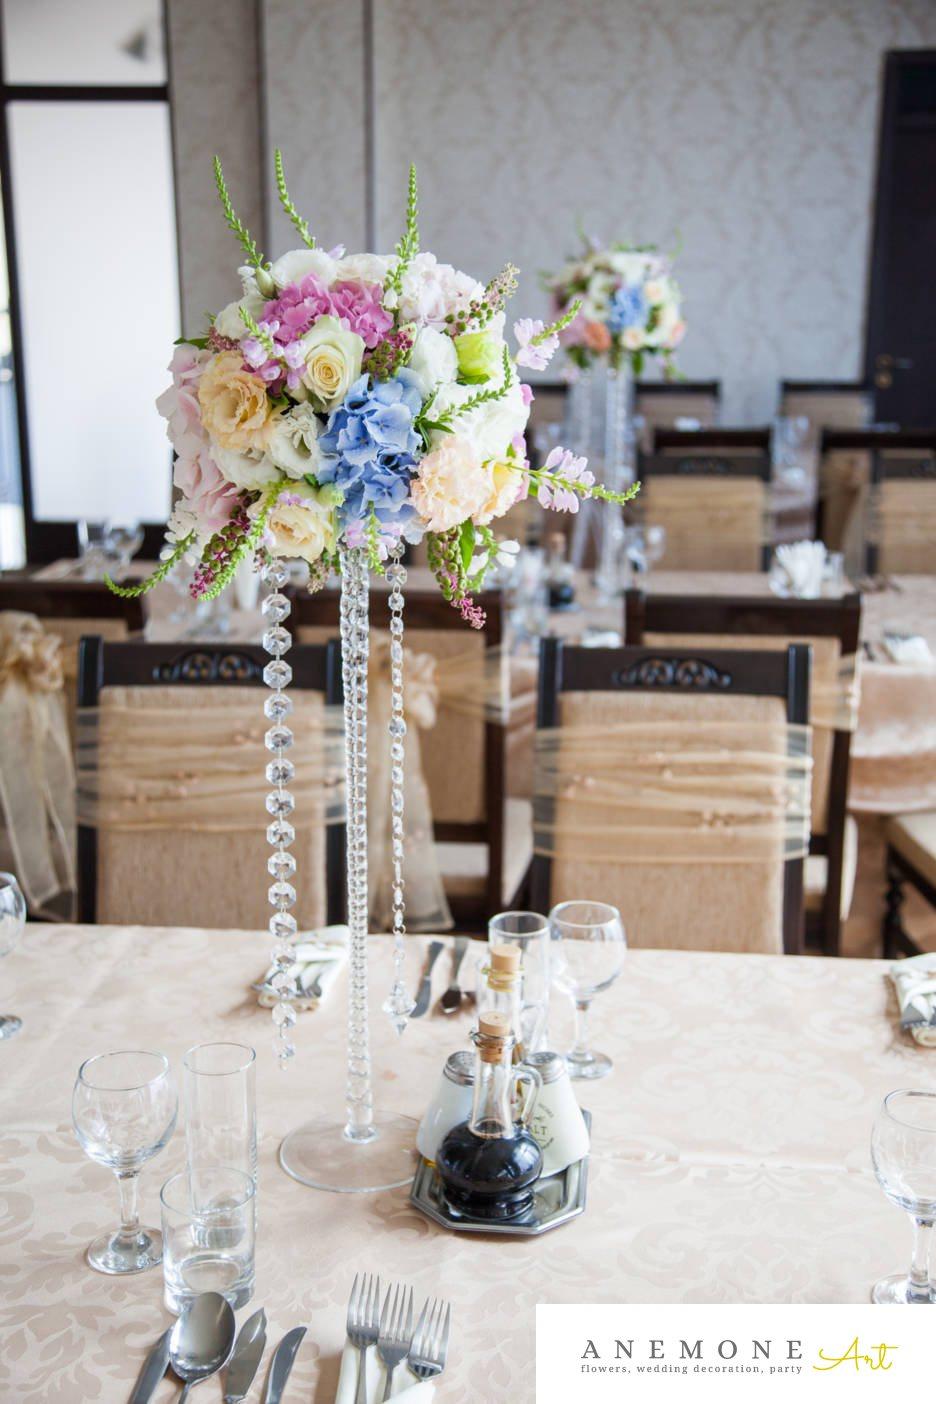 Poza, foto cu Flori de nunta decor masa, hotel miky in Arad, Timisoara, Oradea (wedding flowers, bouquets) nunta Arad, Timisoara, Oradea